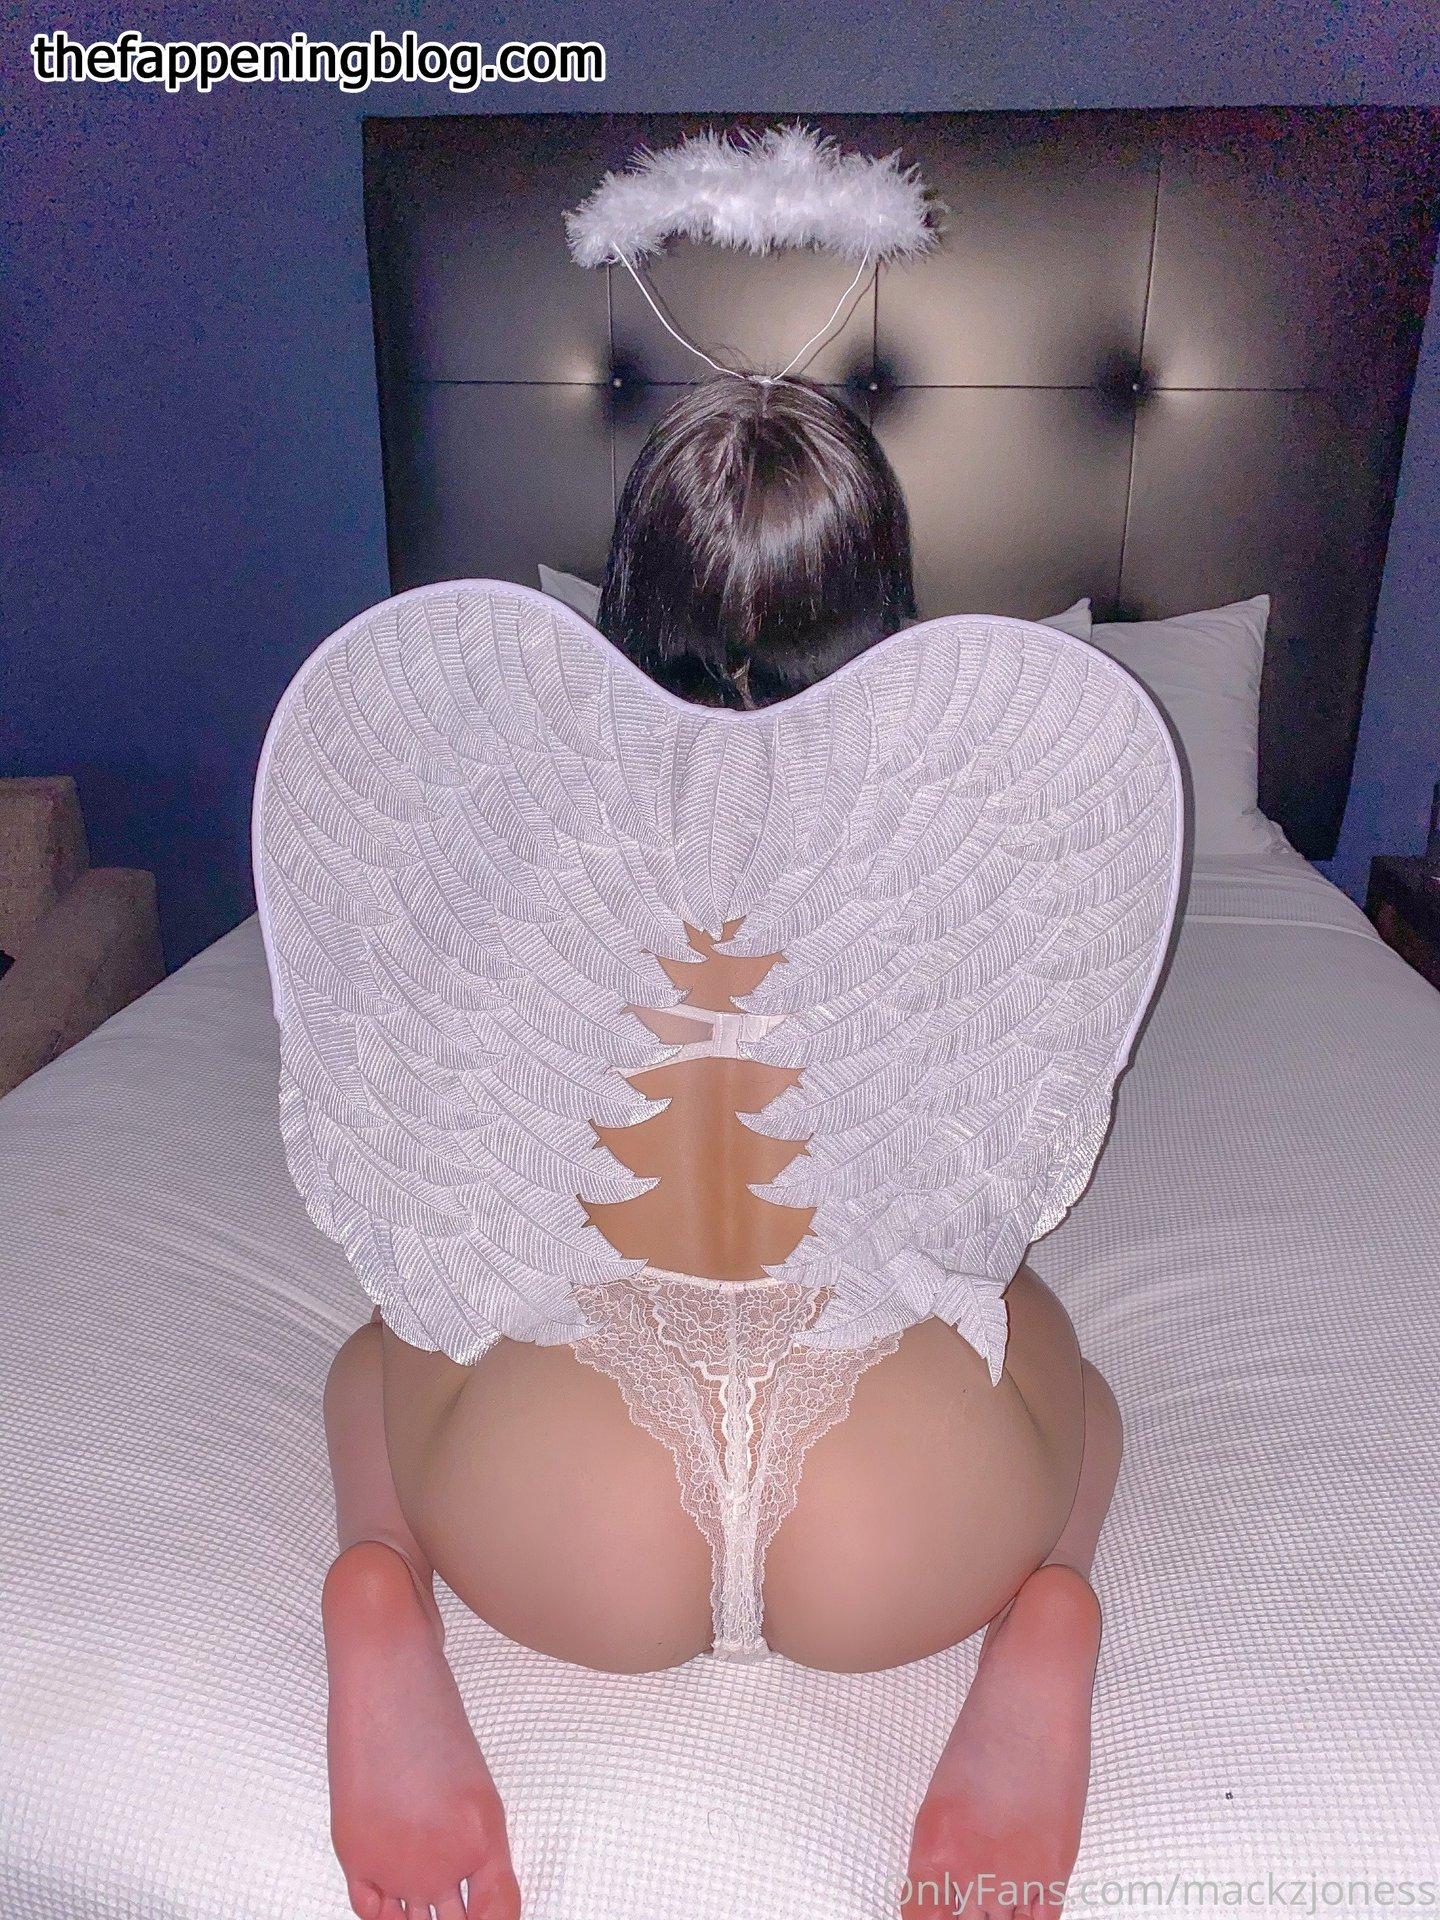 Mackenzie Jones aka mackzjoness Leaked Photo 135